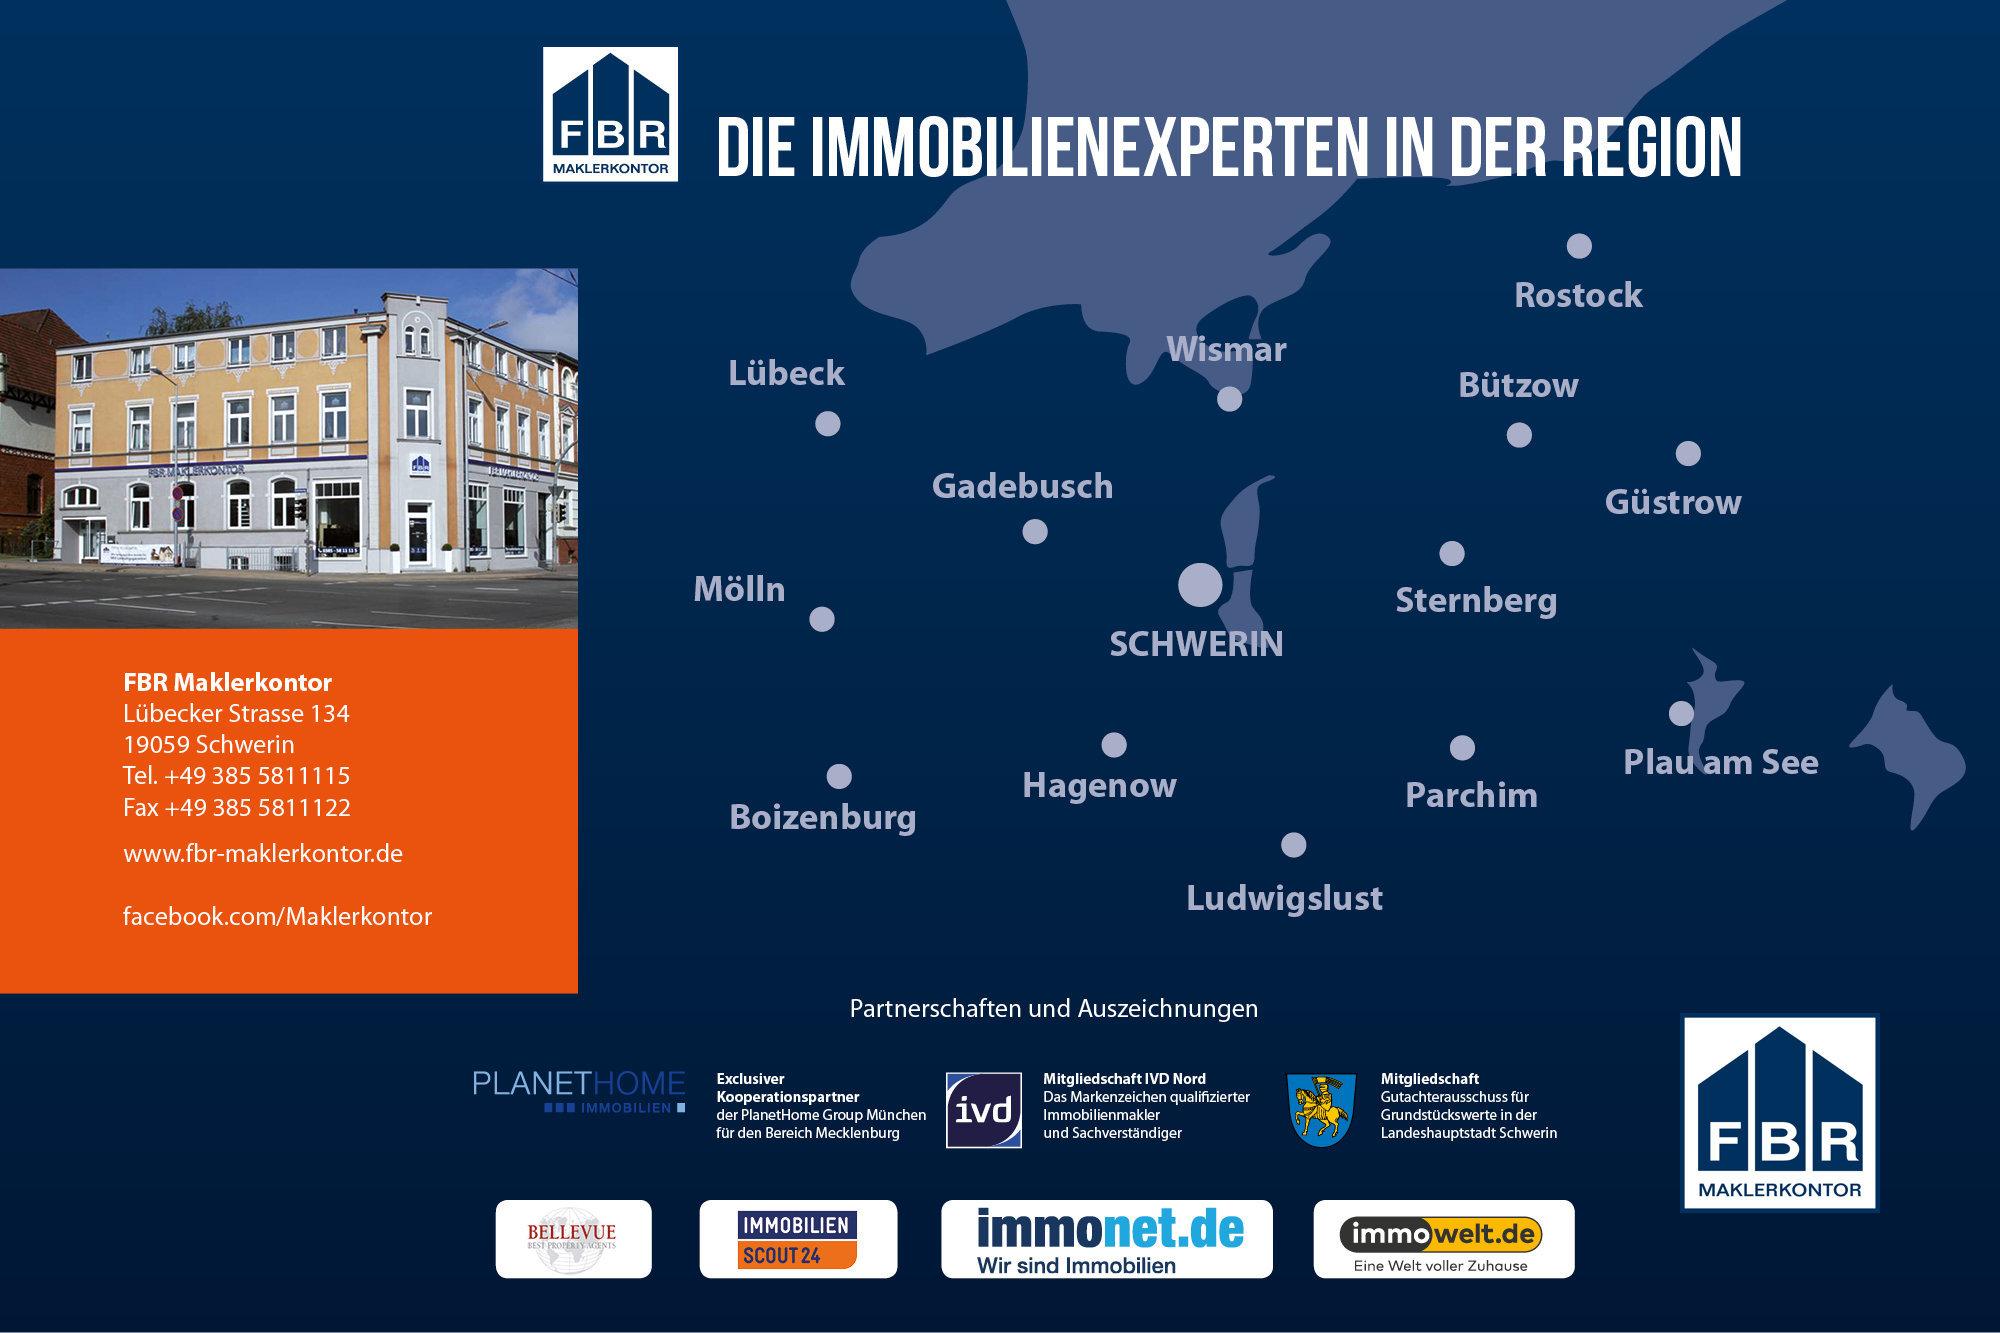 FBR - Makler in der Region